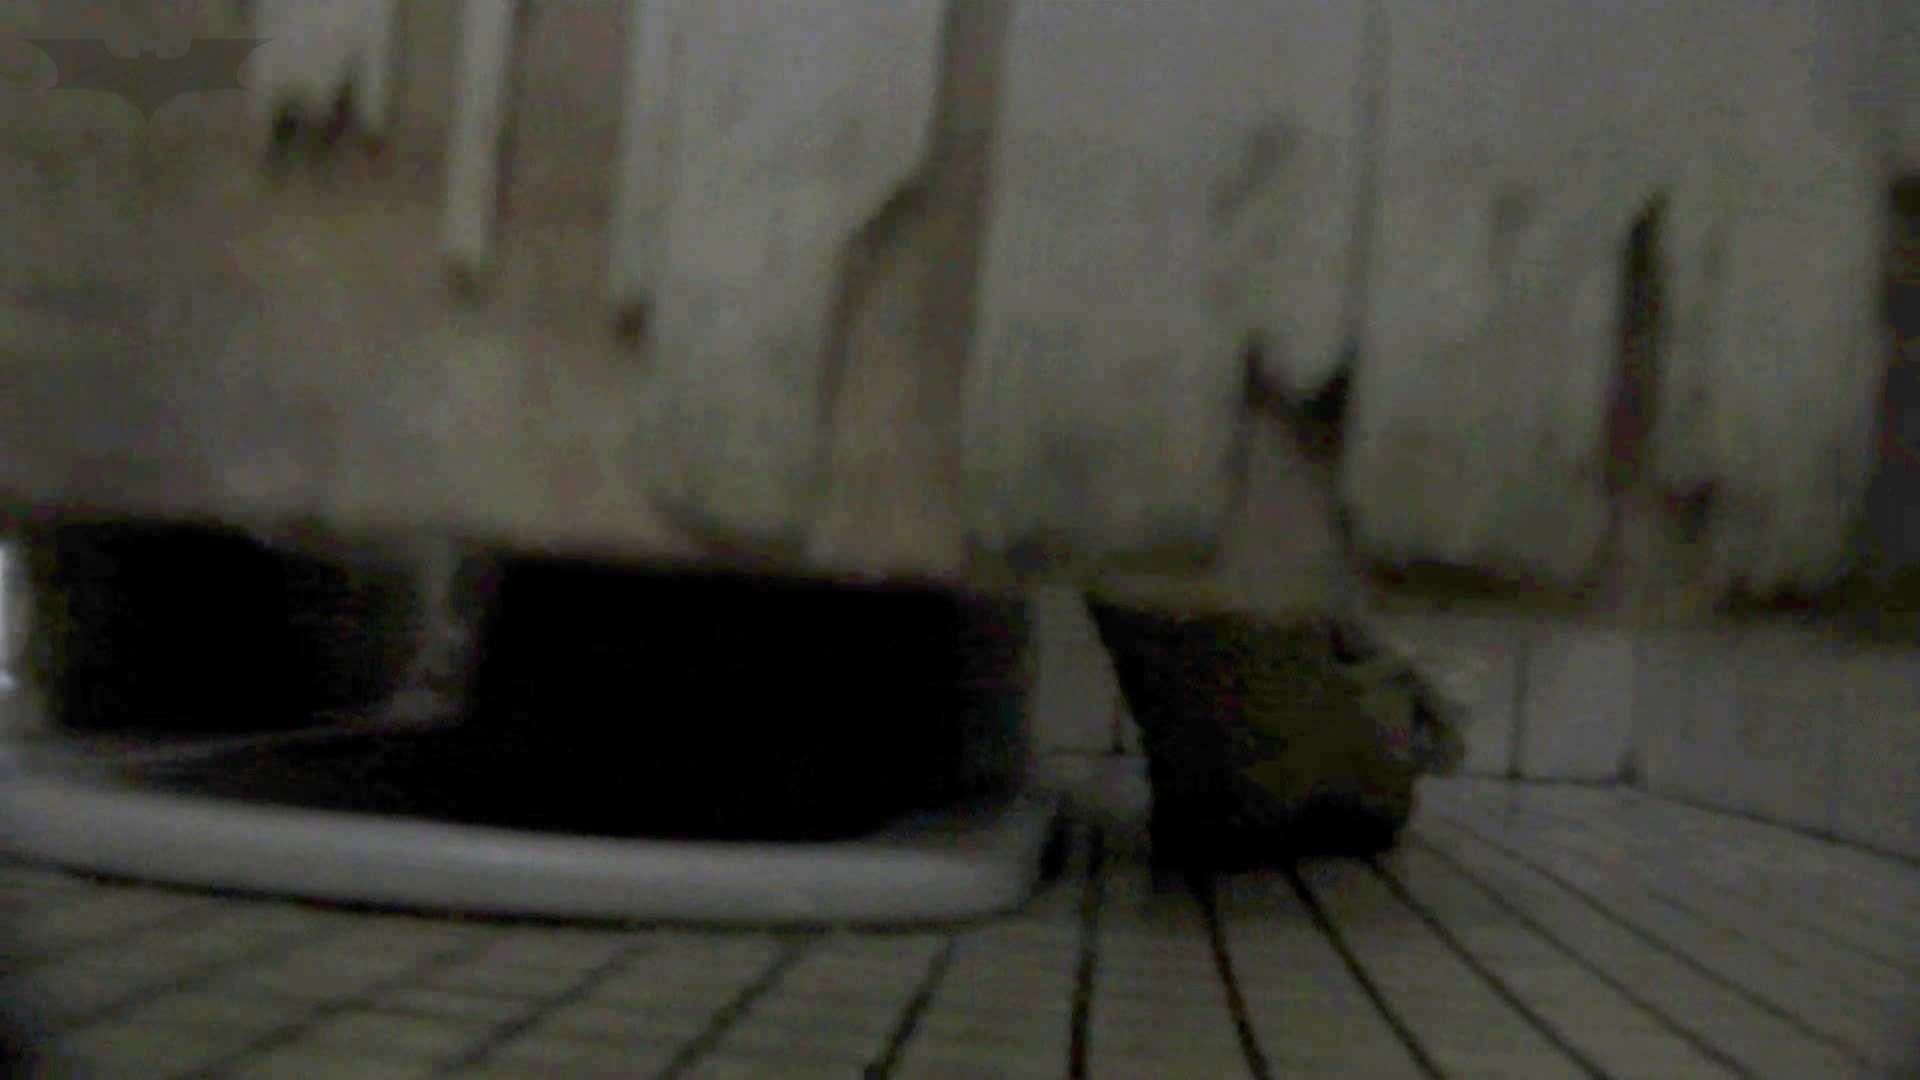 洗面所特攻隊 vol.74 last 2総勢16名激撮【2015・29位】 洗面所  105連発 76